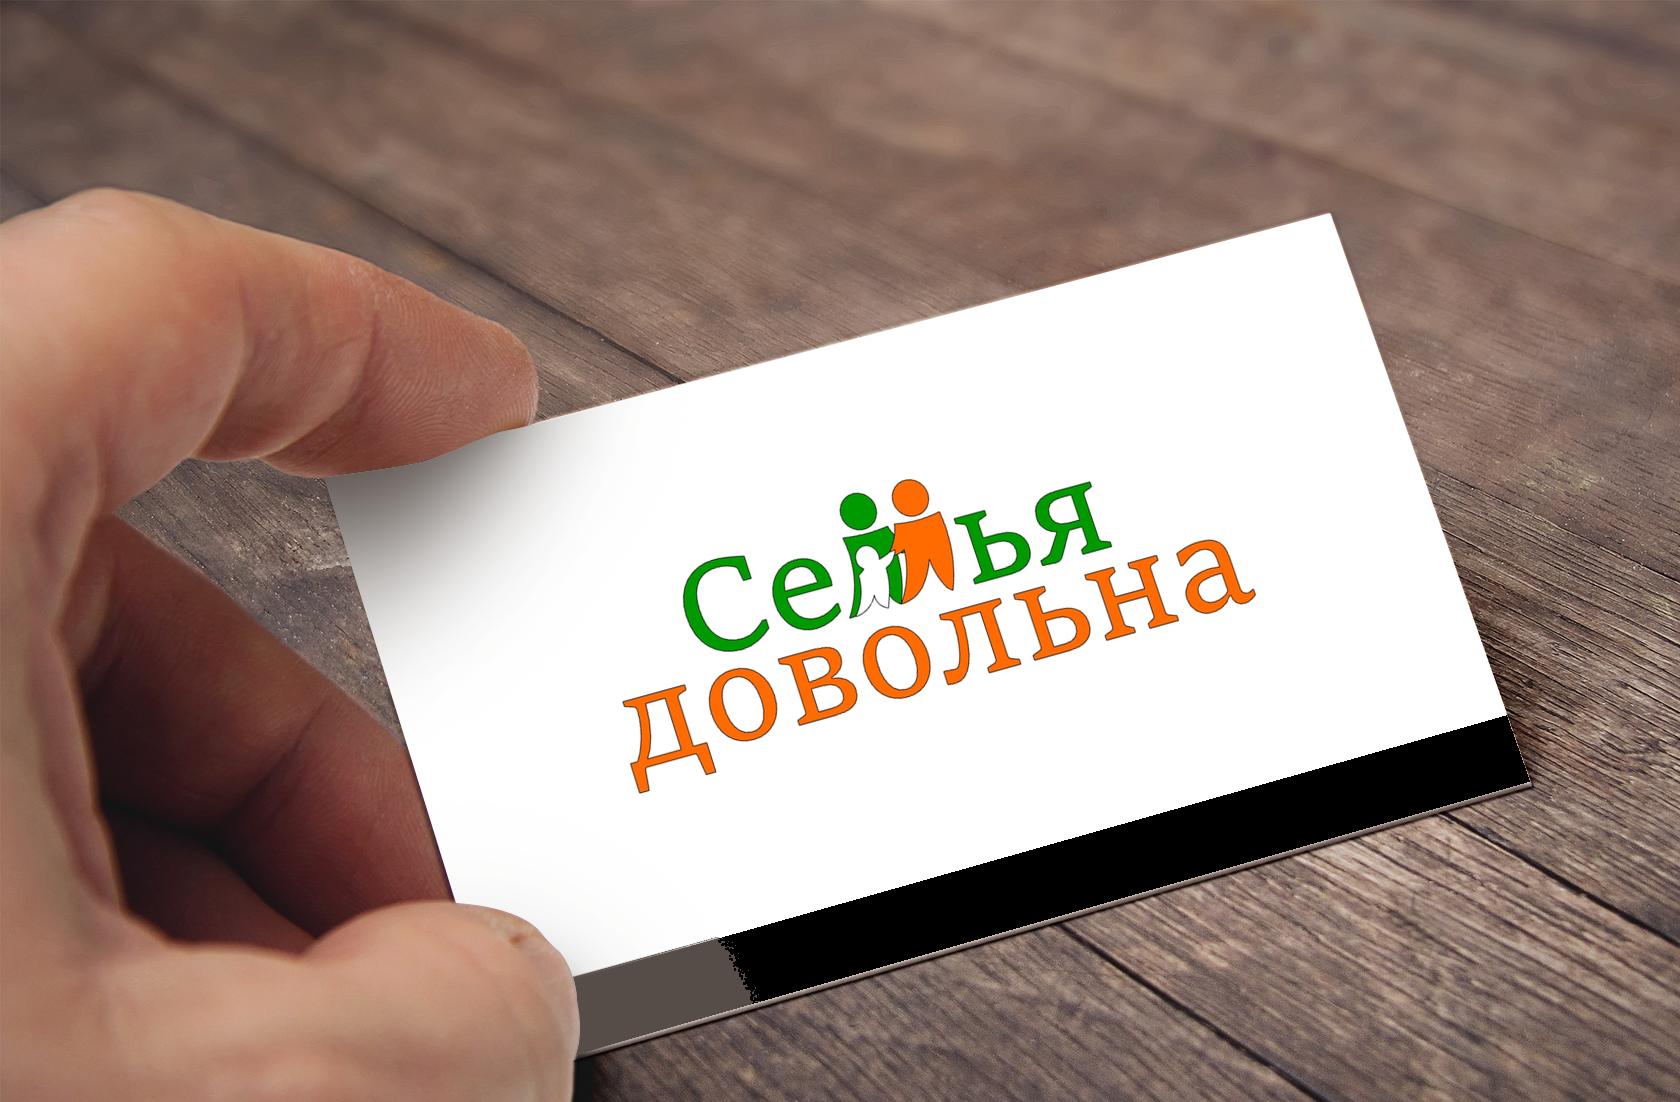 """Разработайте логотип для торговой марки """"Семья довольна"""" фото f_7925b9a637e9acdc.png"""